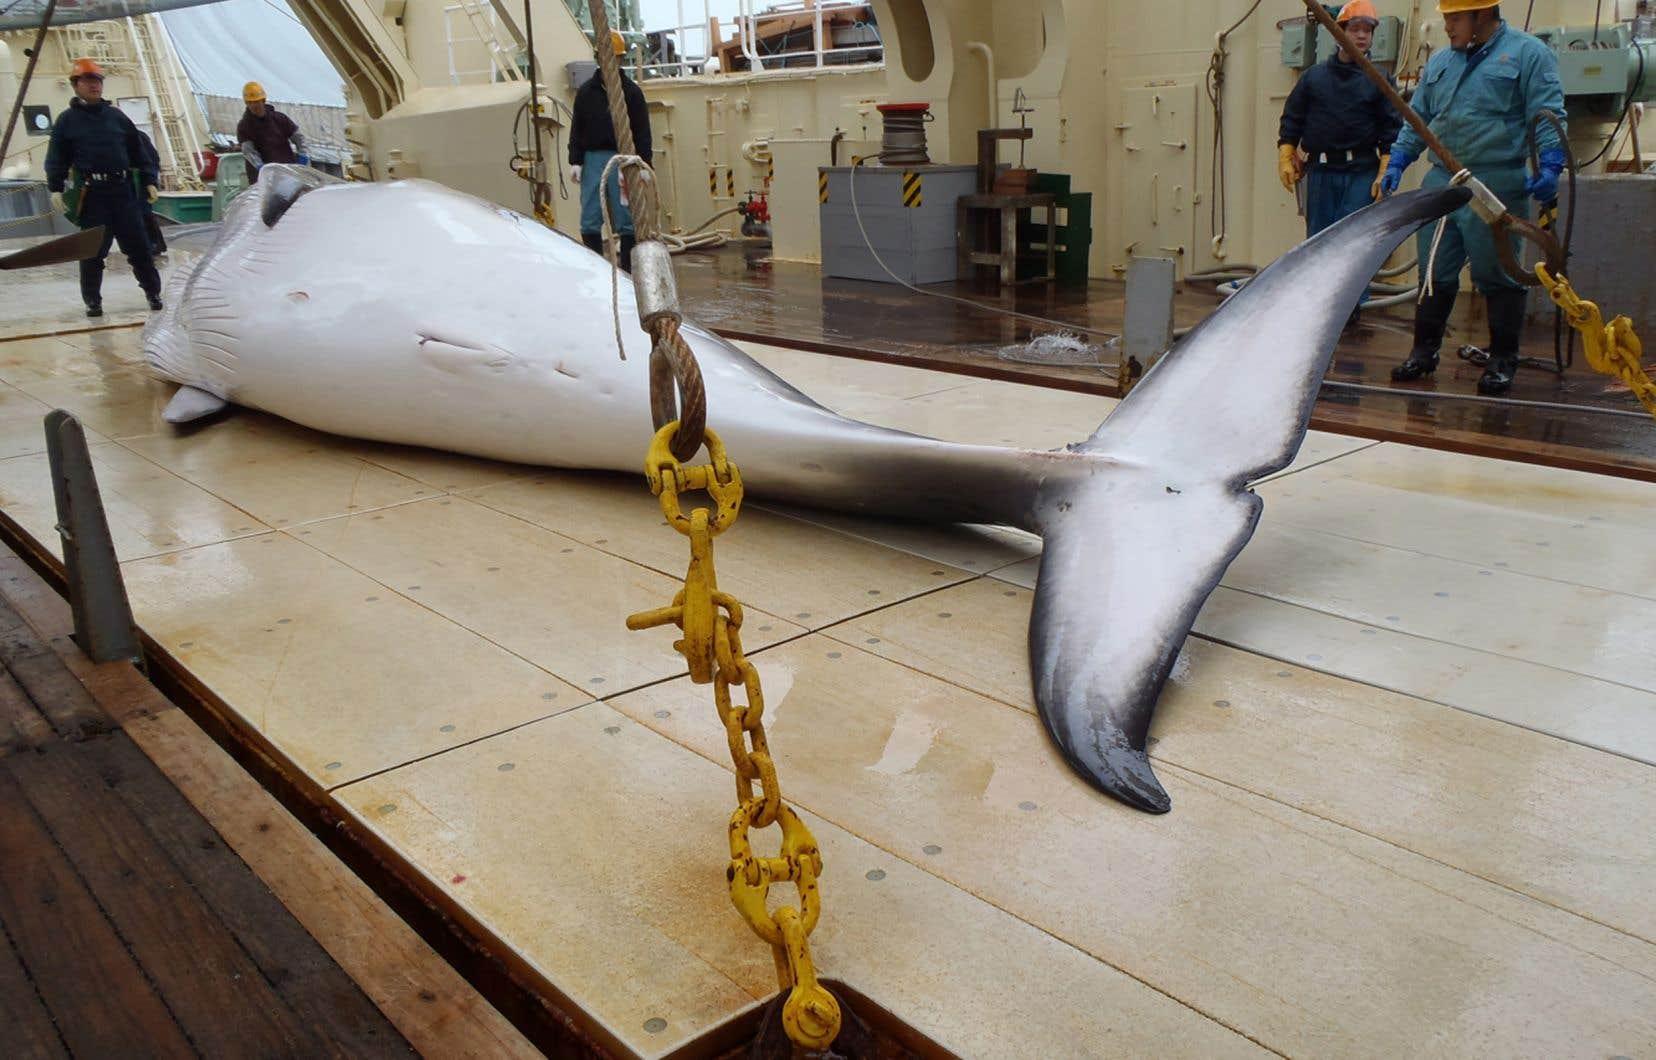 Le Japon pratique une chasse dite «scientifique» en Antarctique depuis 1987. Il ainsi abattu plus de 10 000 petits rorquals en 30 ans.